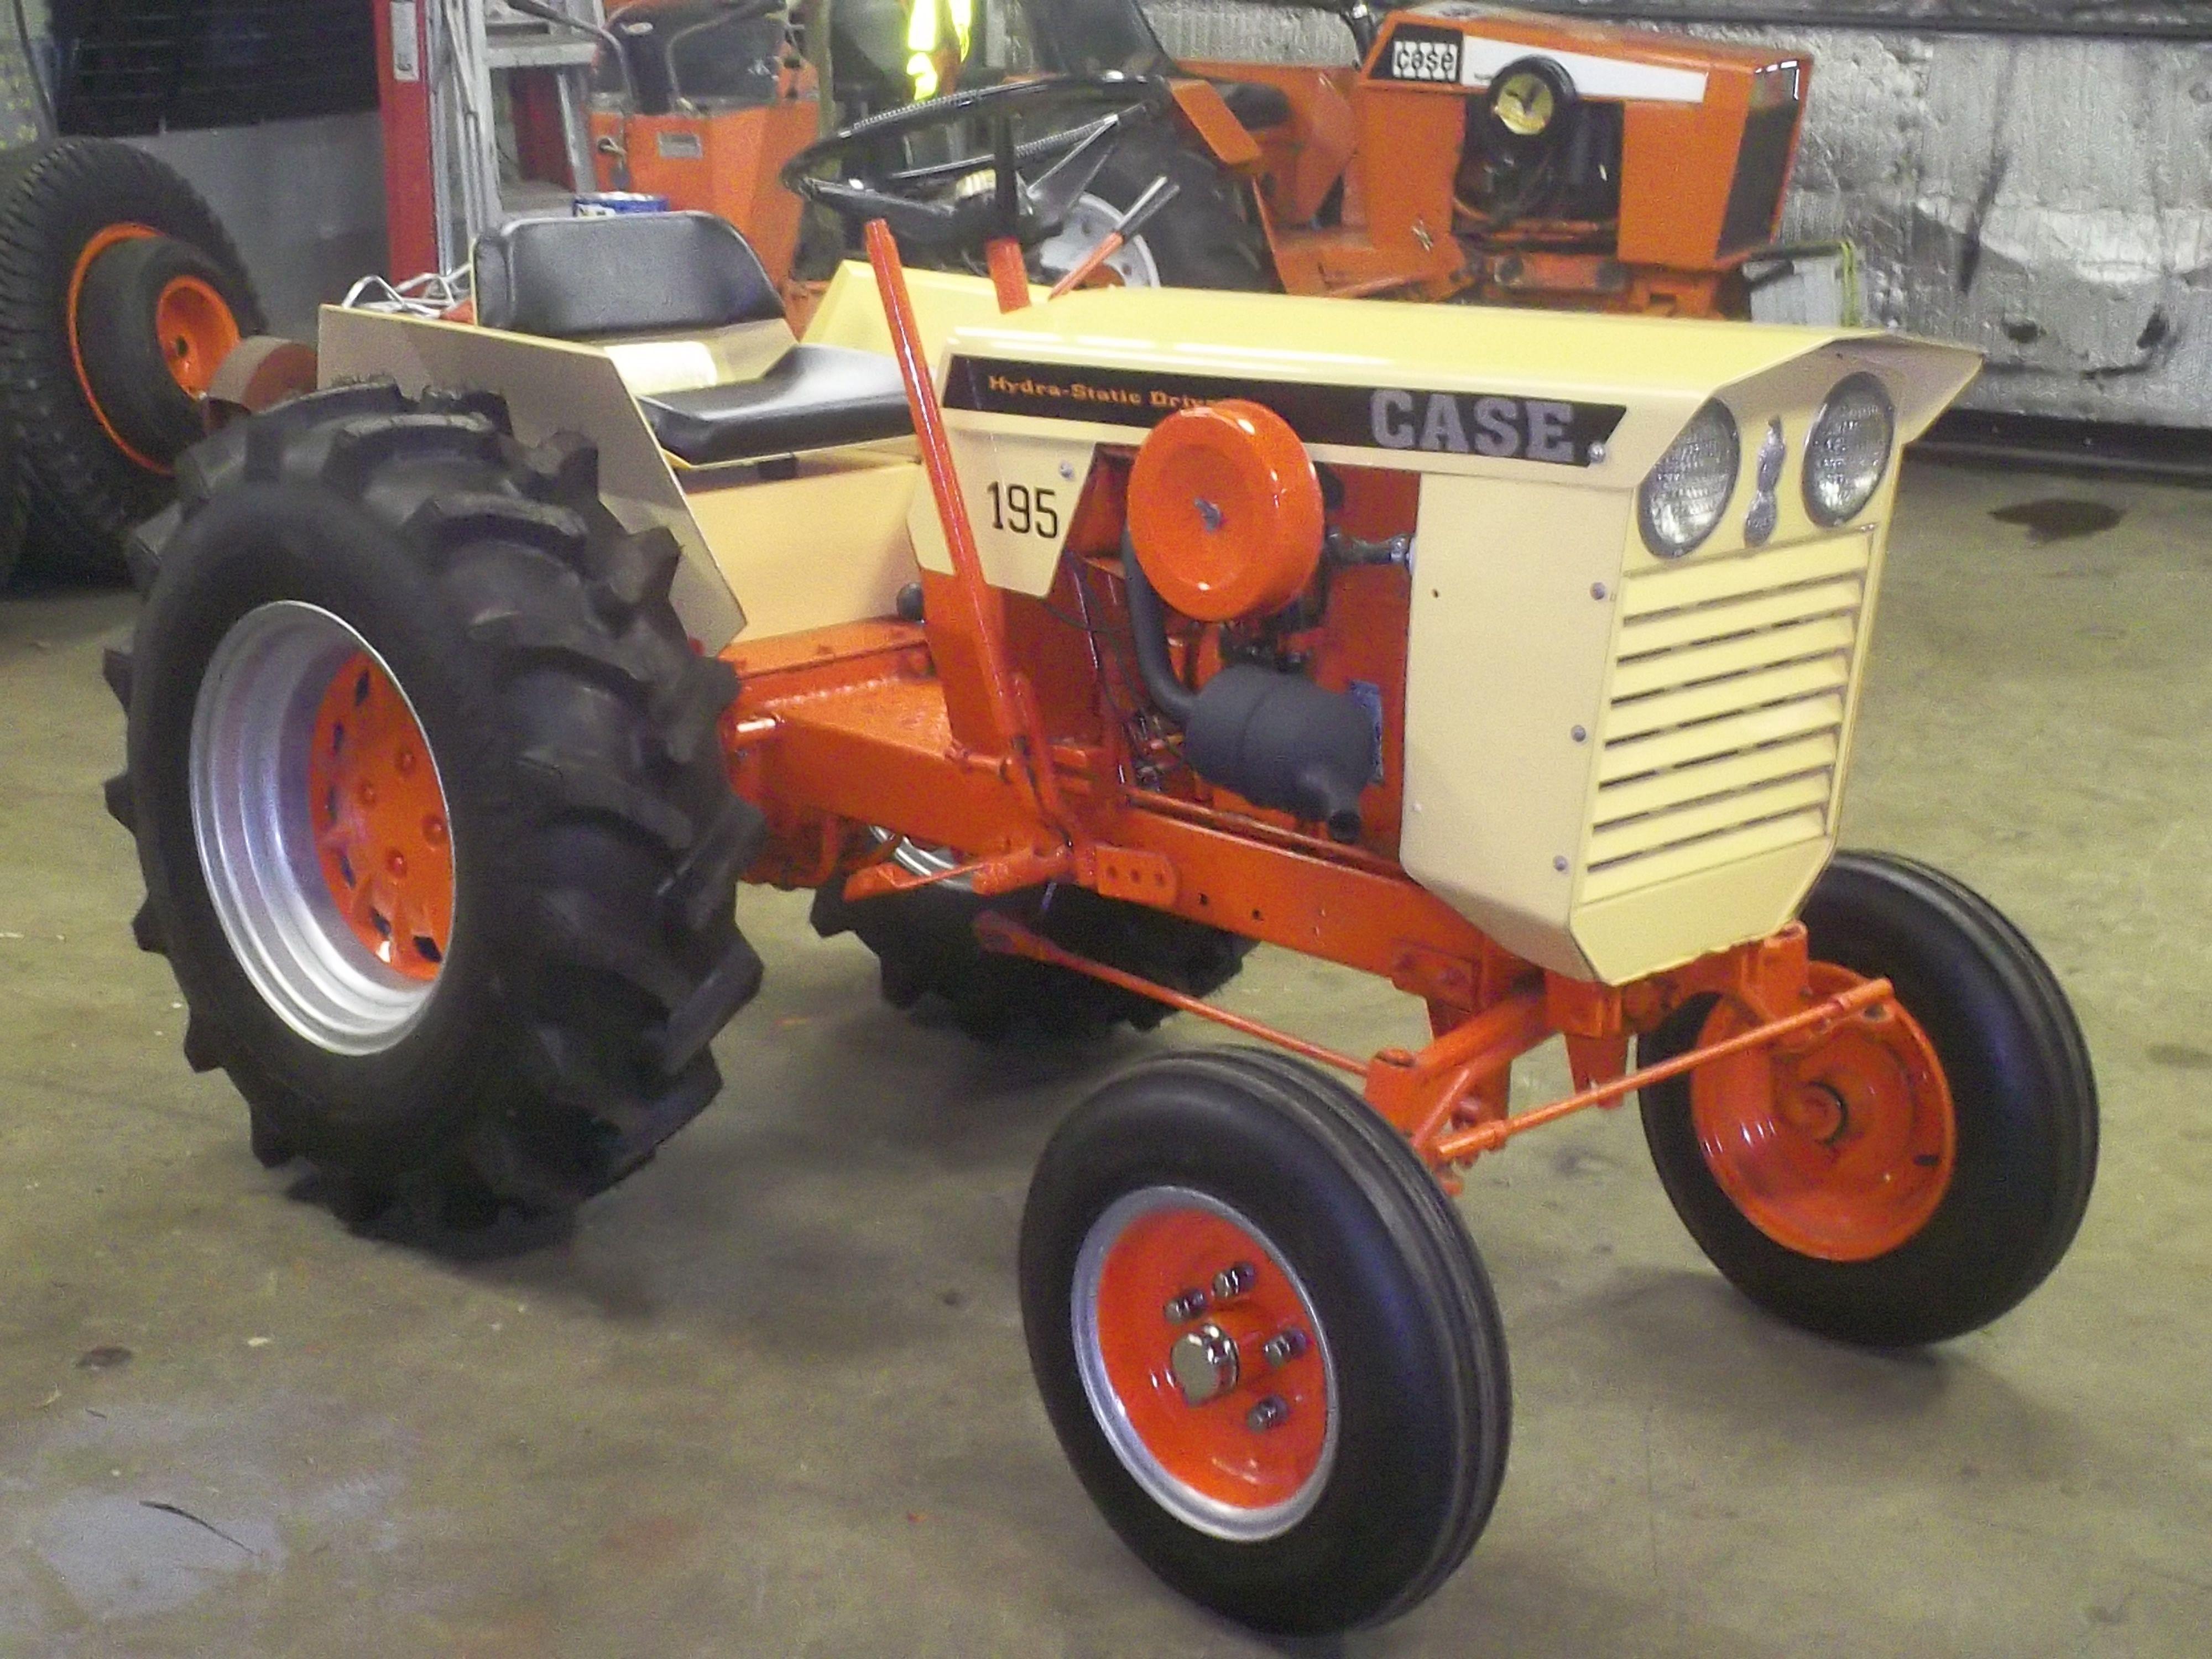 FileReady for the fair 008 Case garden tractor.JPG Case